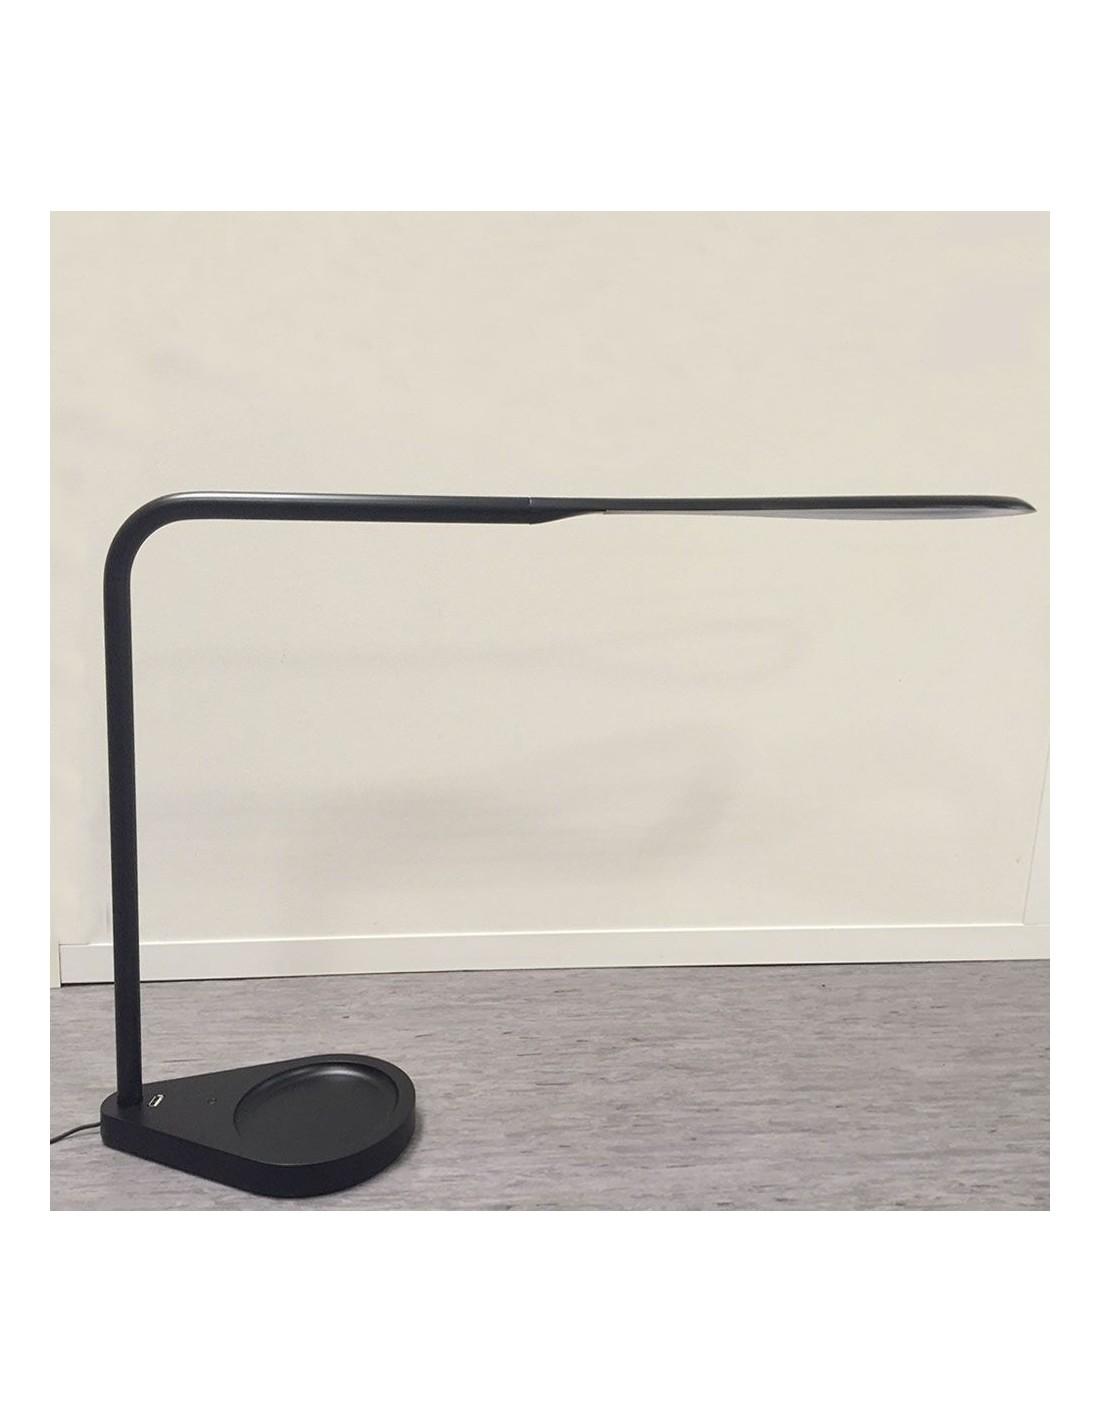 Lampe de table Kinx noire